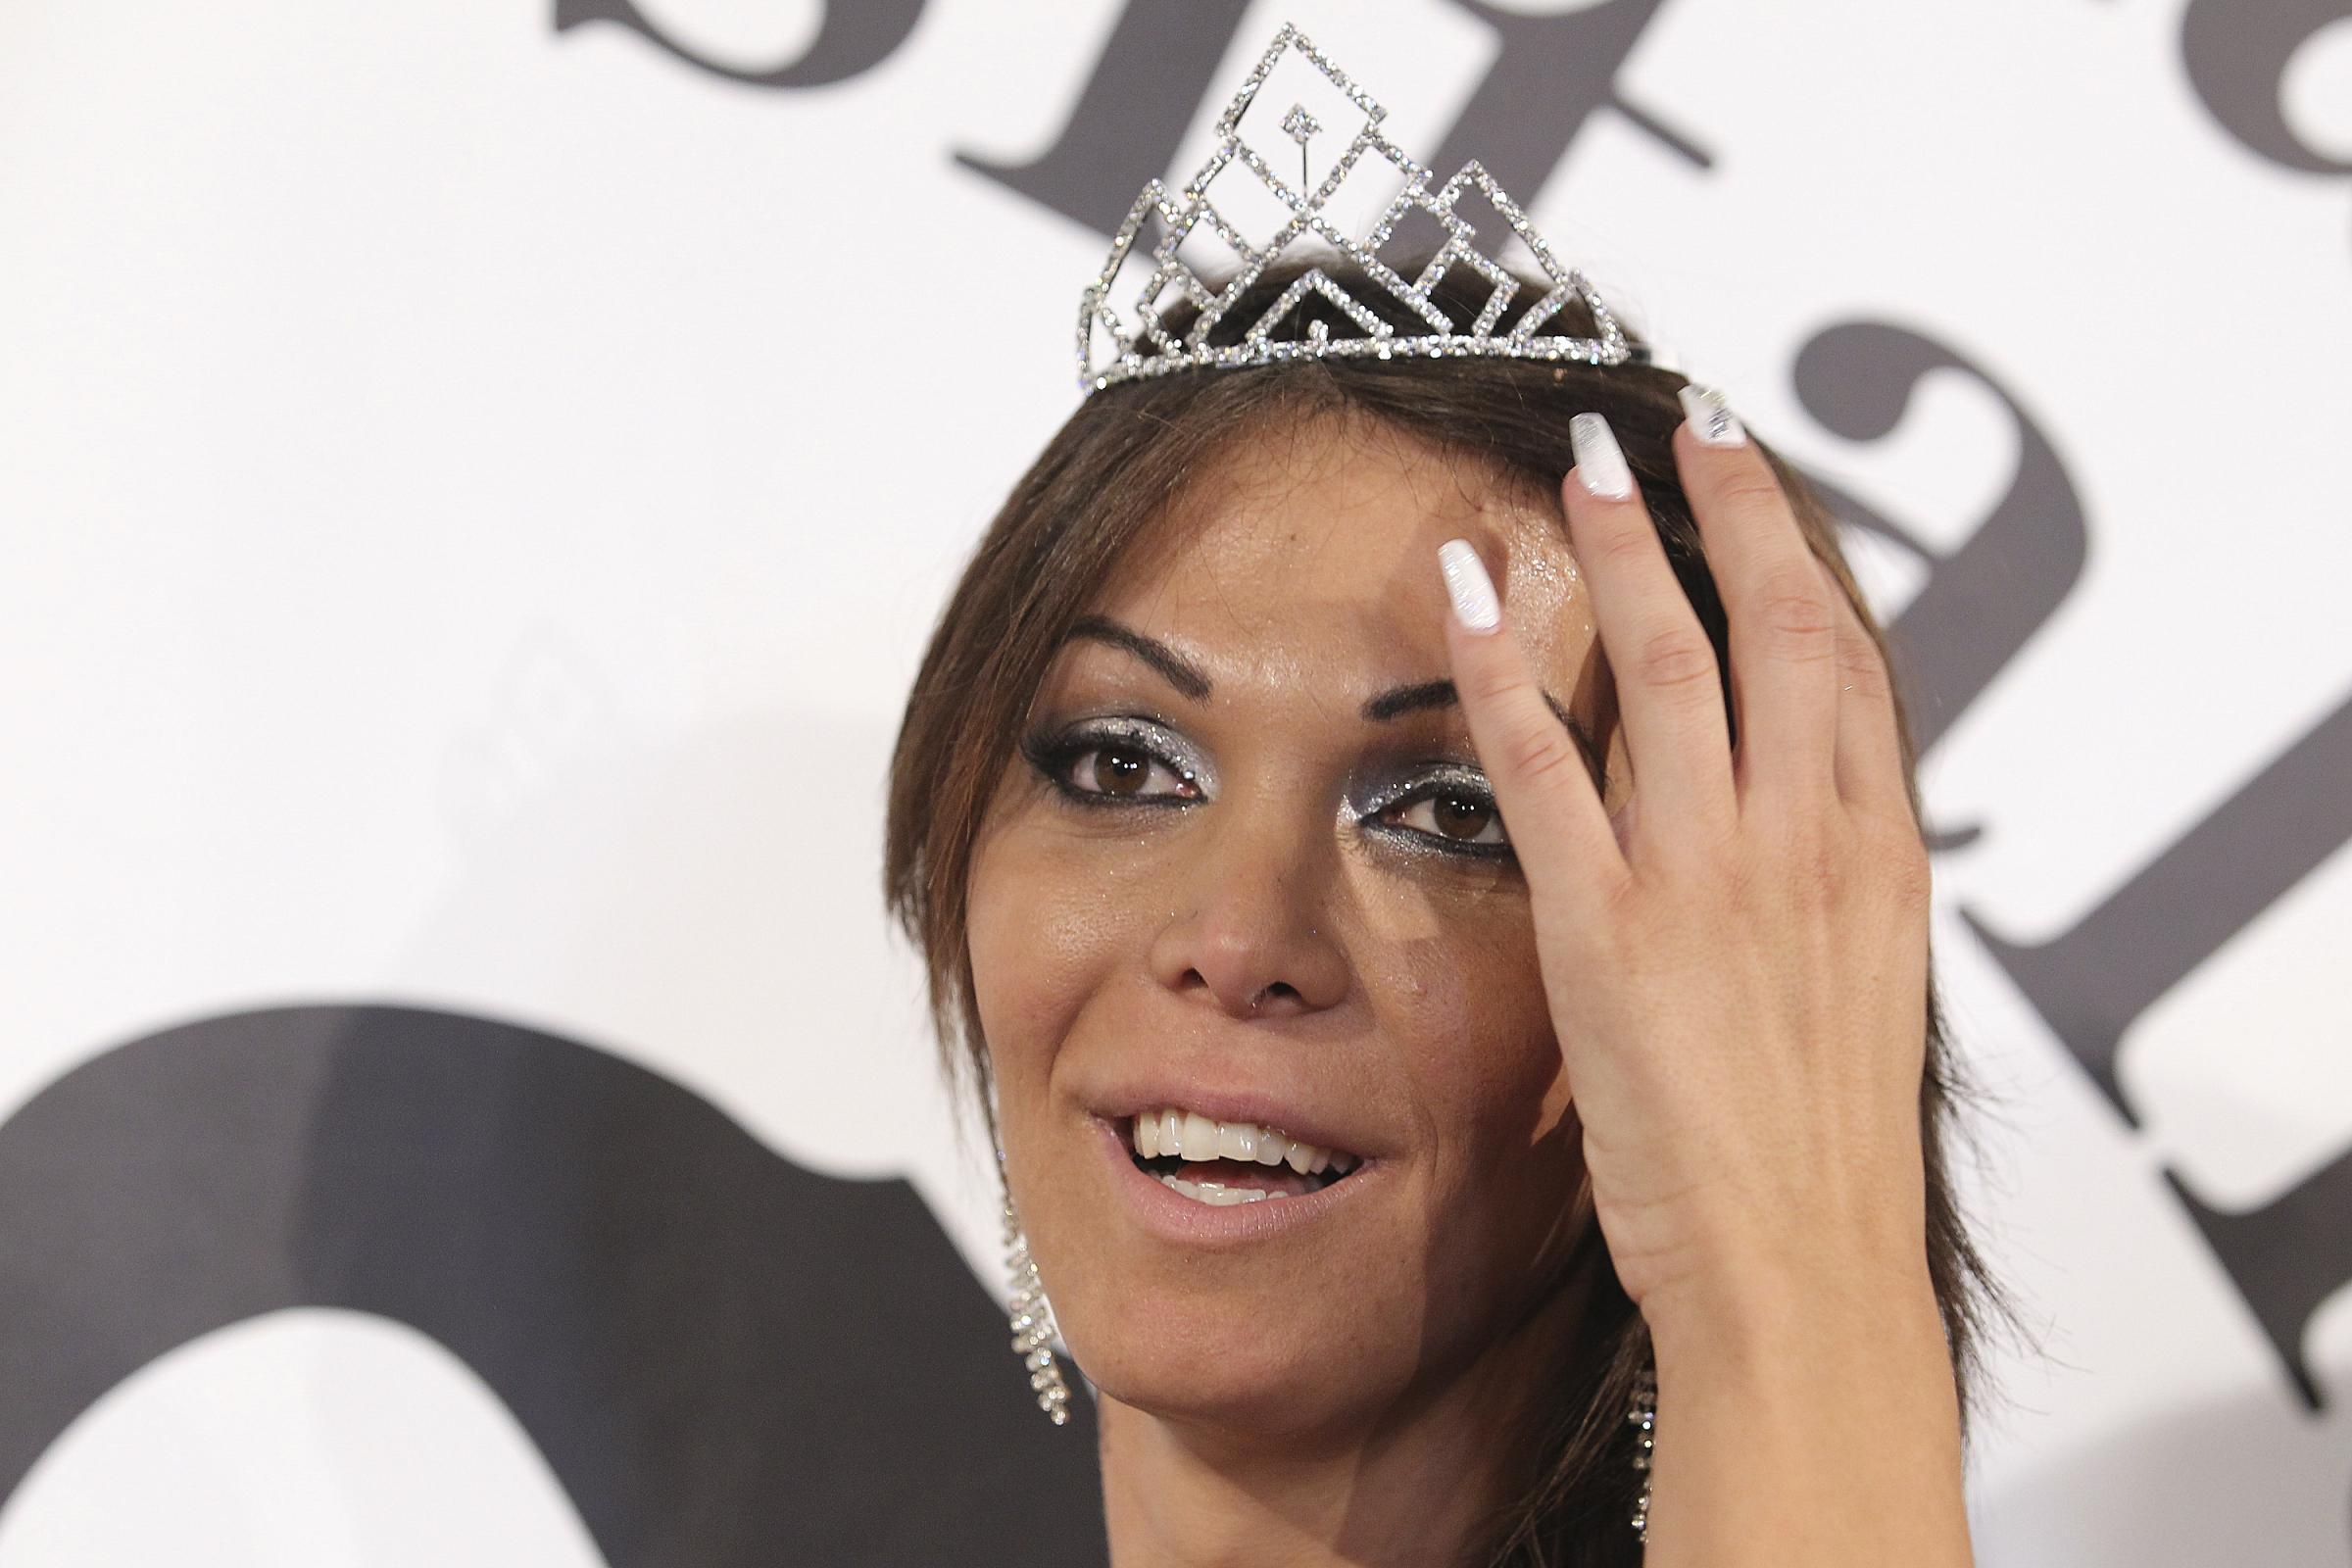 Alessia Cinquegrana, sposa trans: si celebra oggi per la prima volta il matrimonio civile transessuale